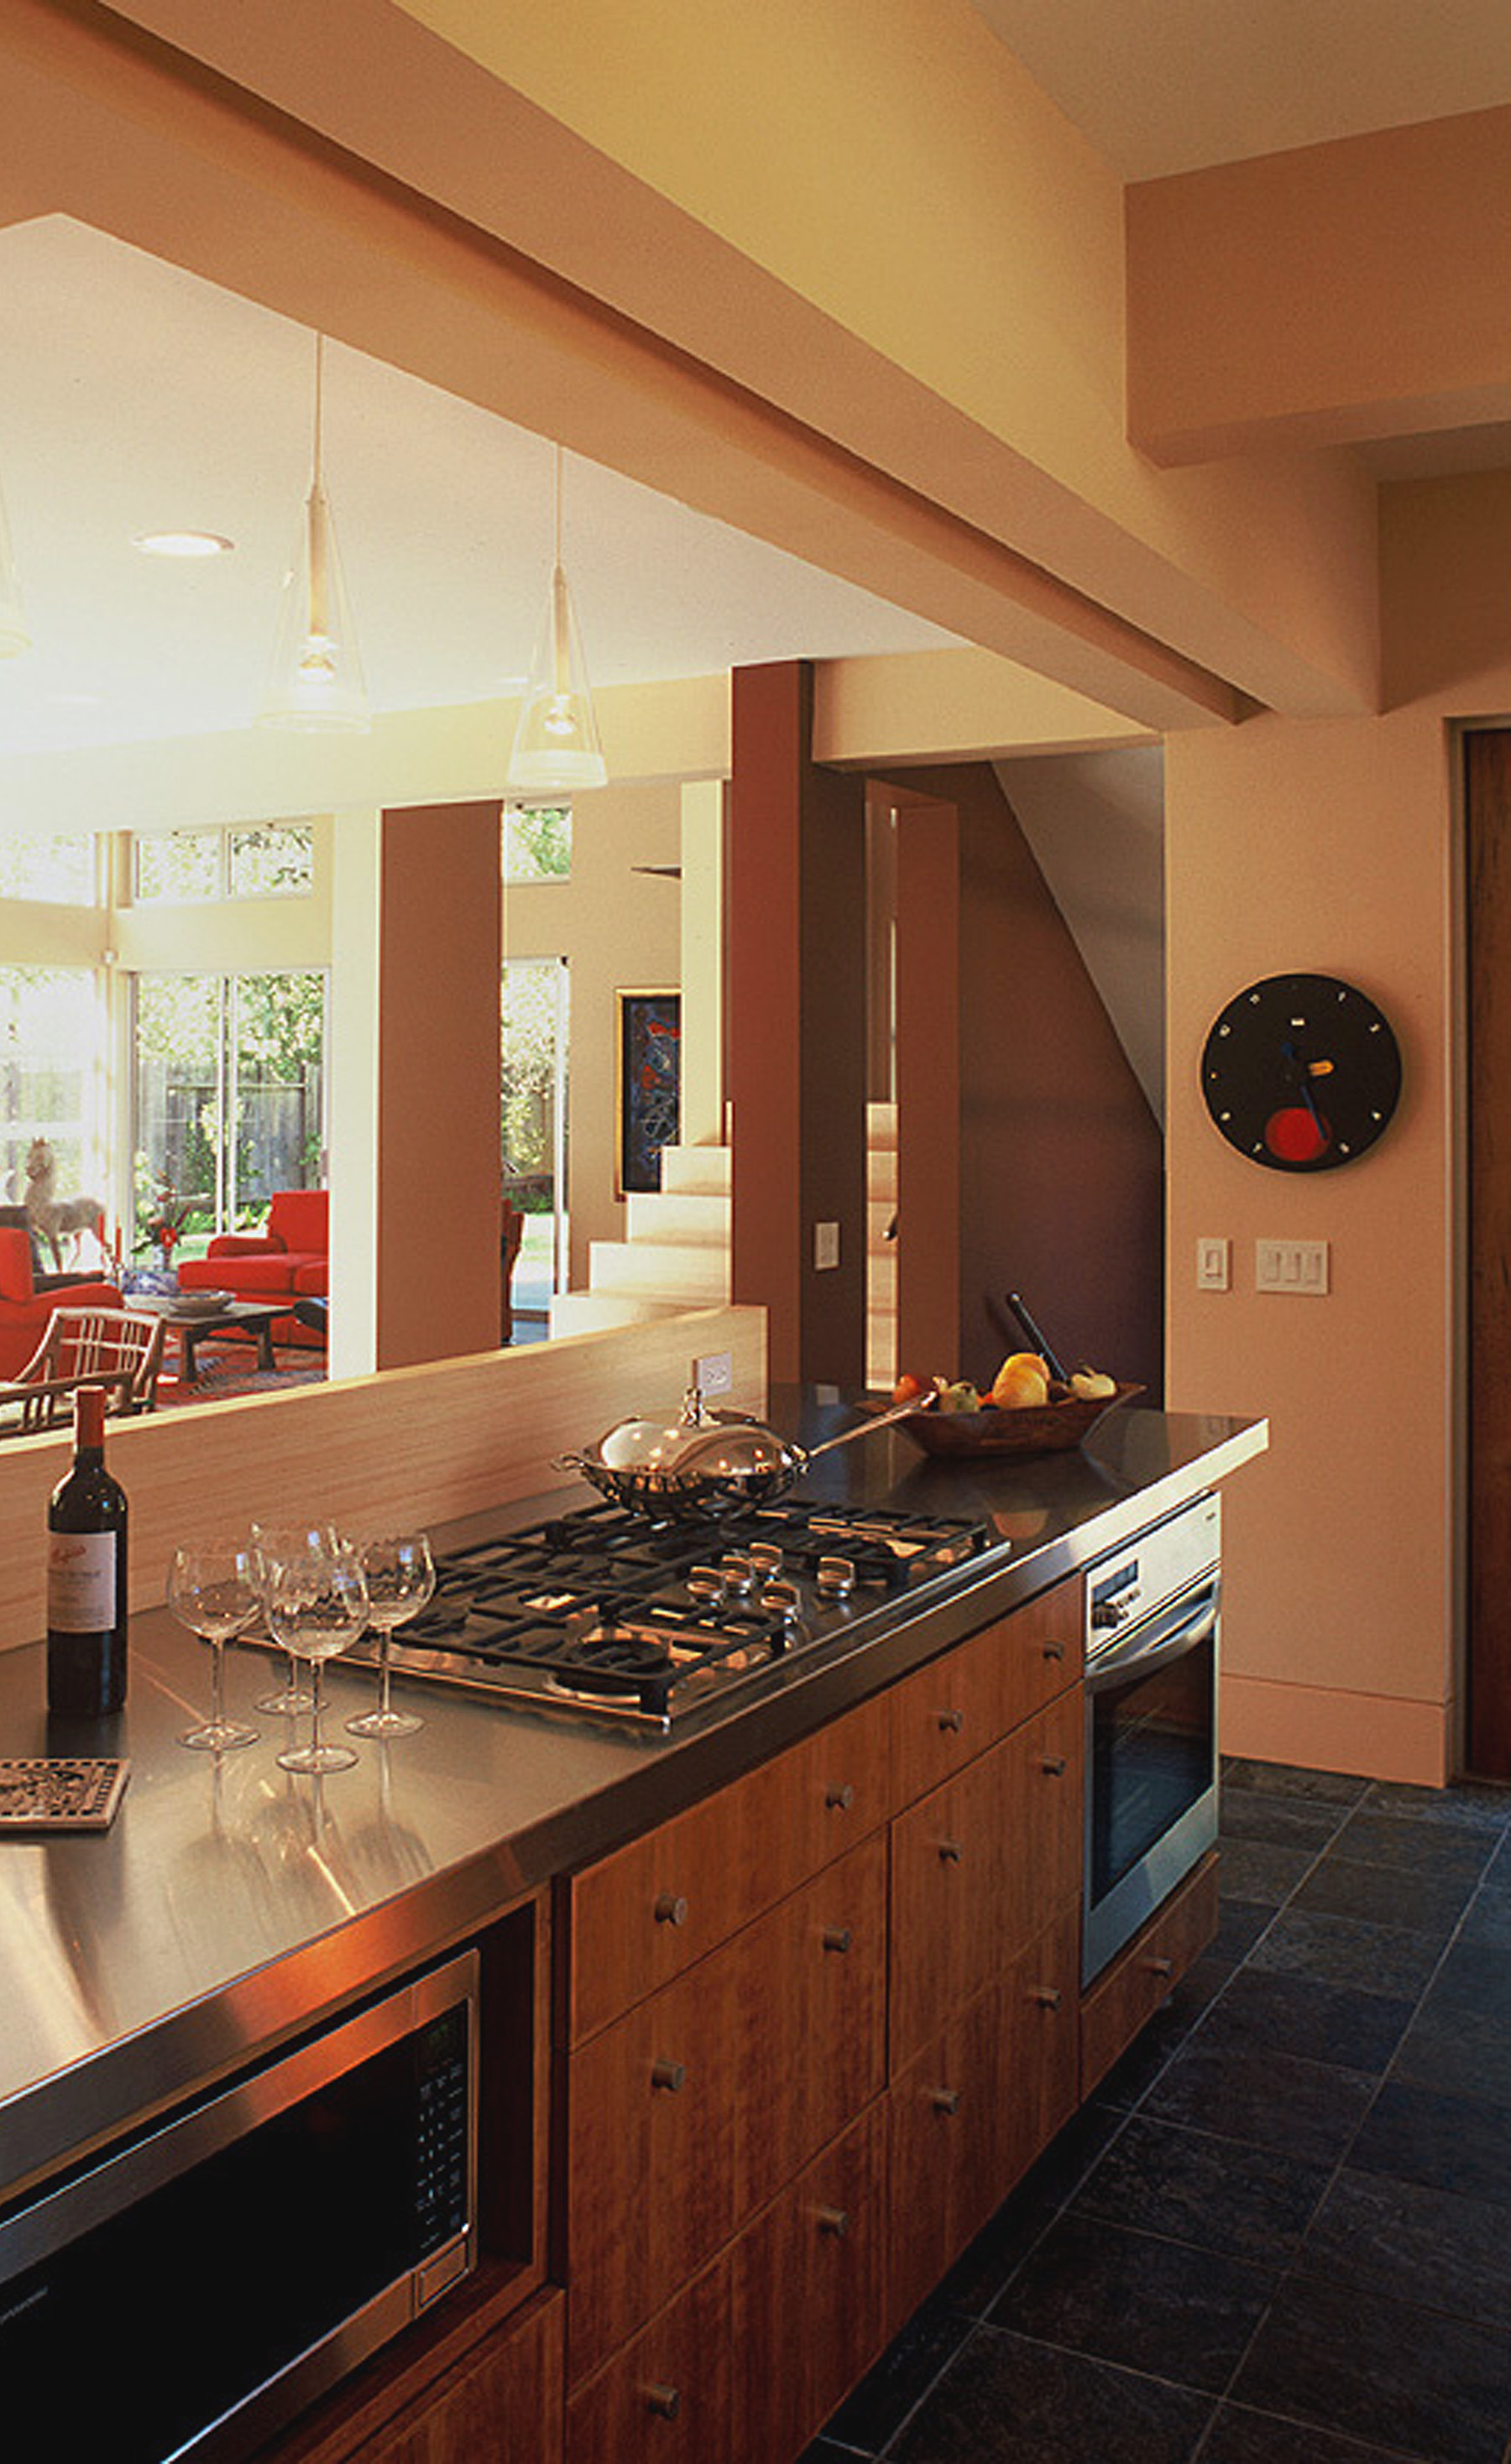 15 - 619 Benvenue Kitchen to LR.jpg